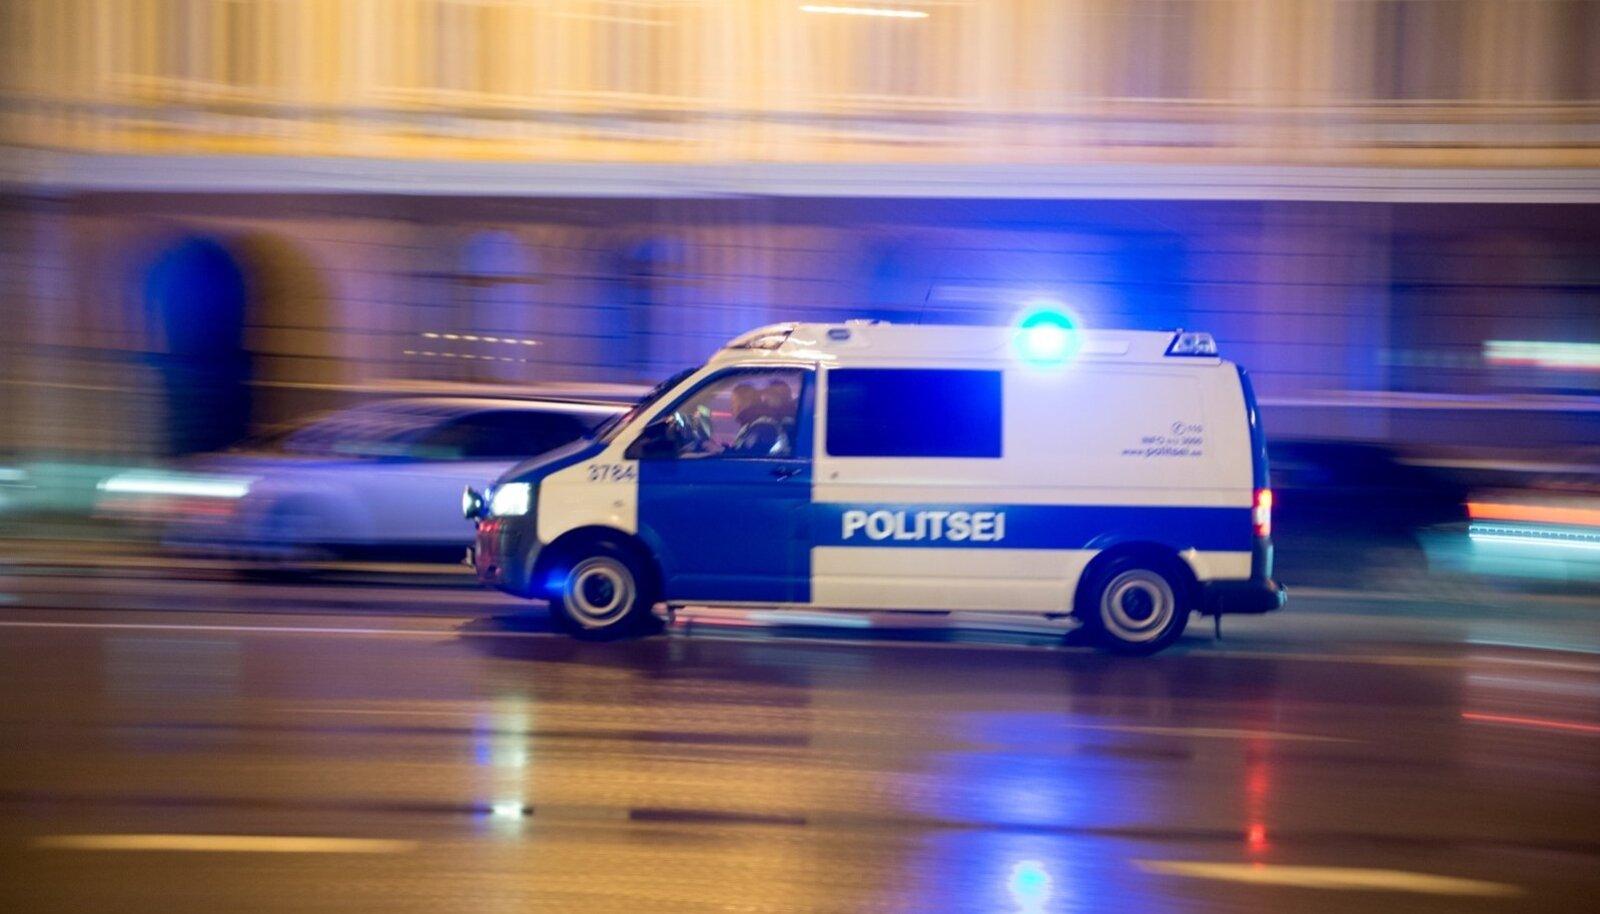 Politseiauto teel väljakutsele